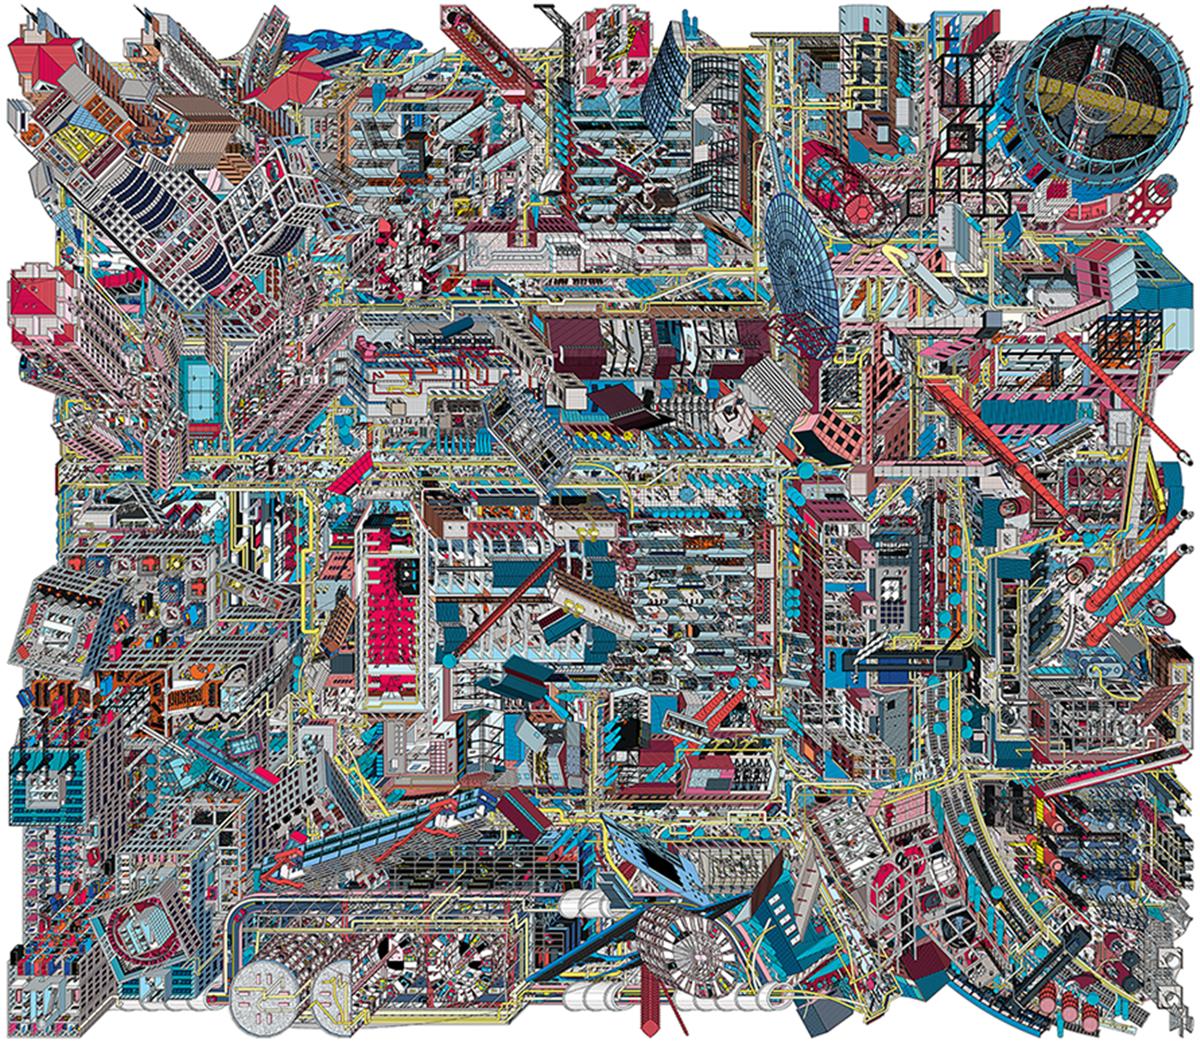 《798》,艺术微喷,540 × 470 cm,2017